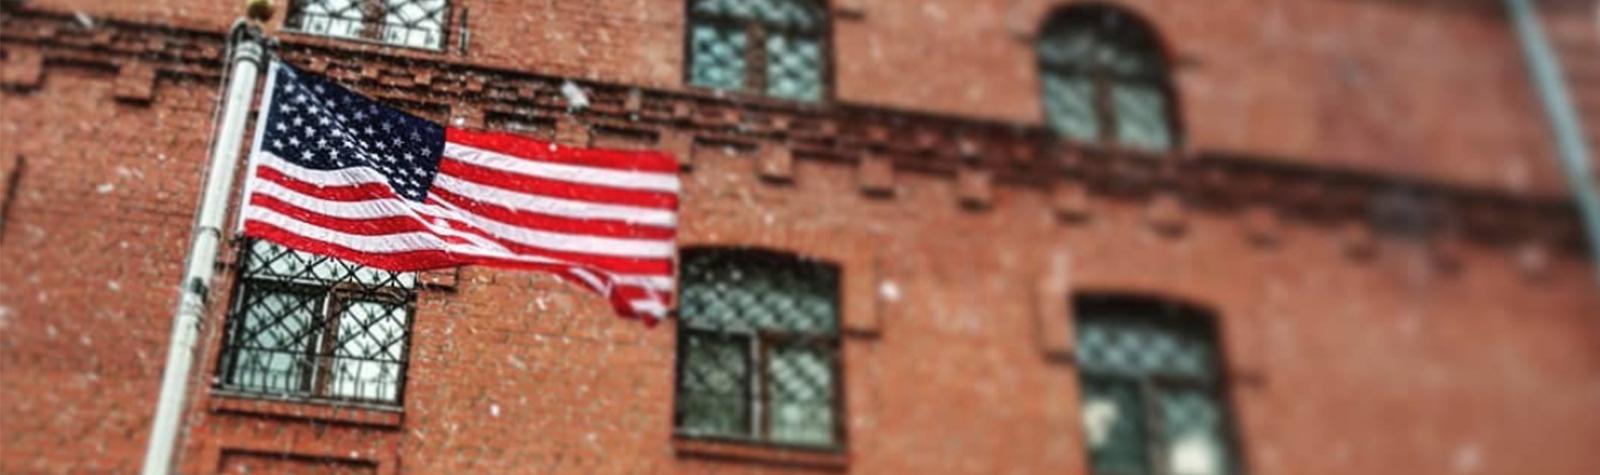 Пьяный дипломат США Ричард Вудхаус – продолжение истории